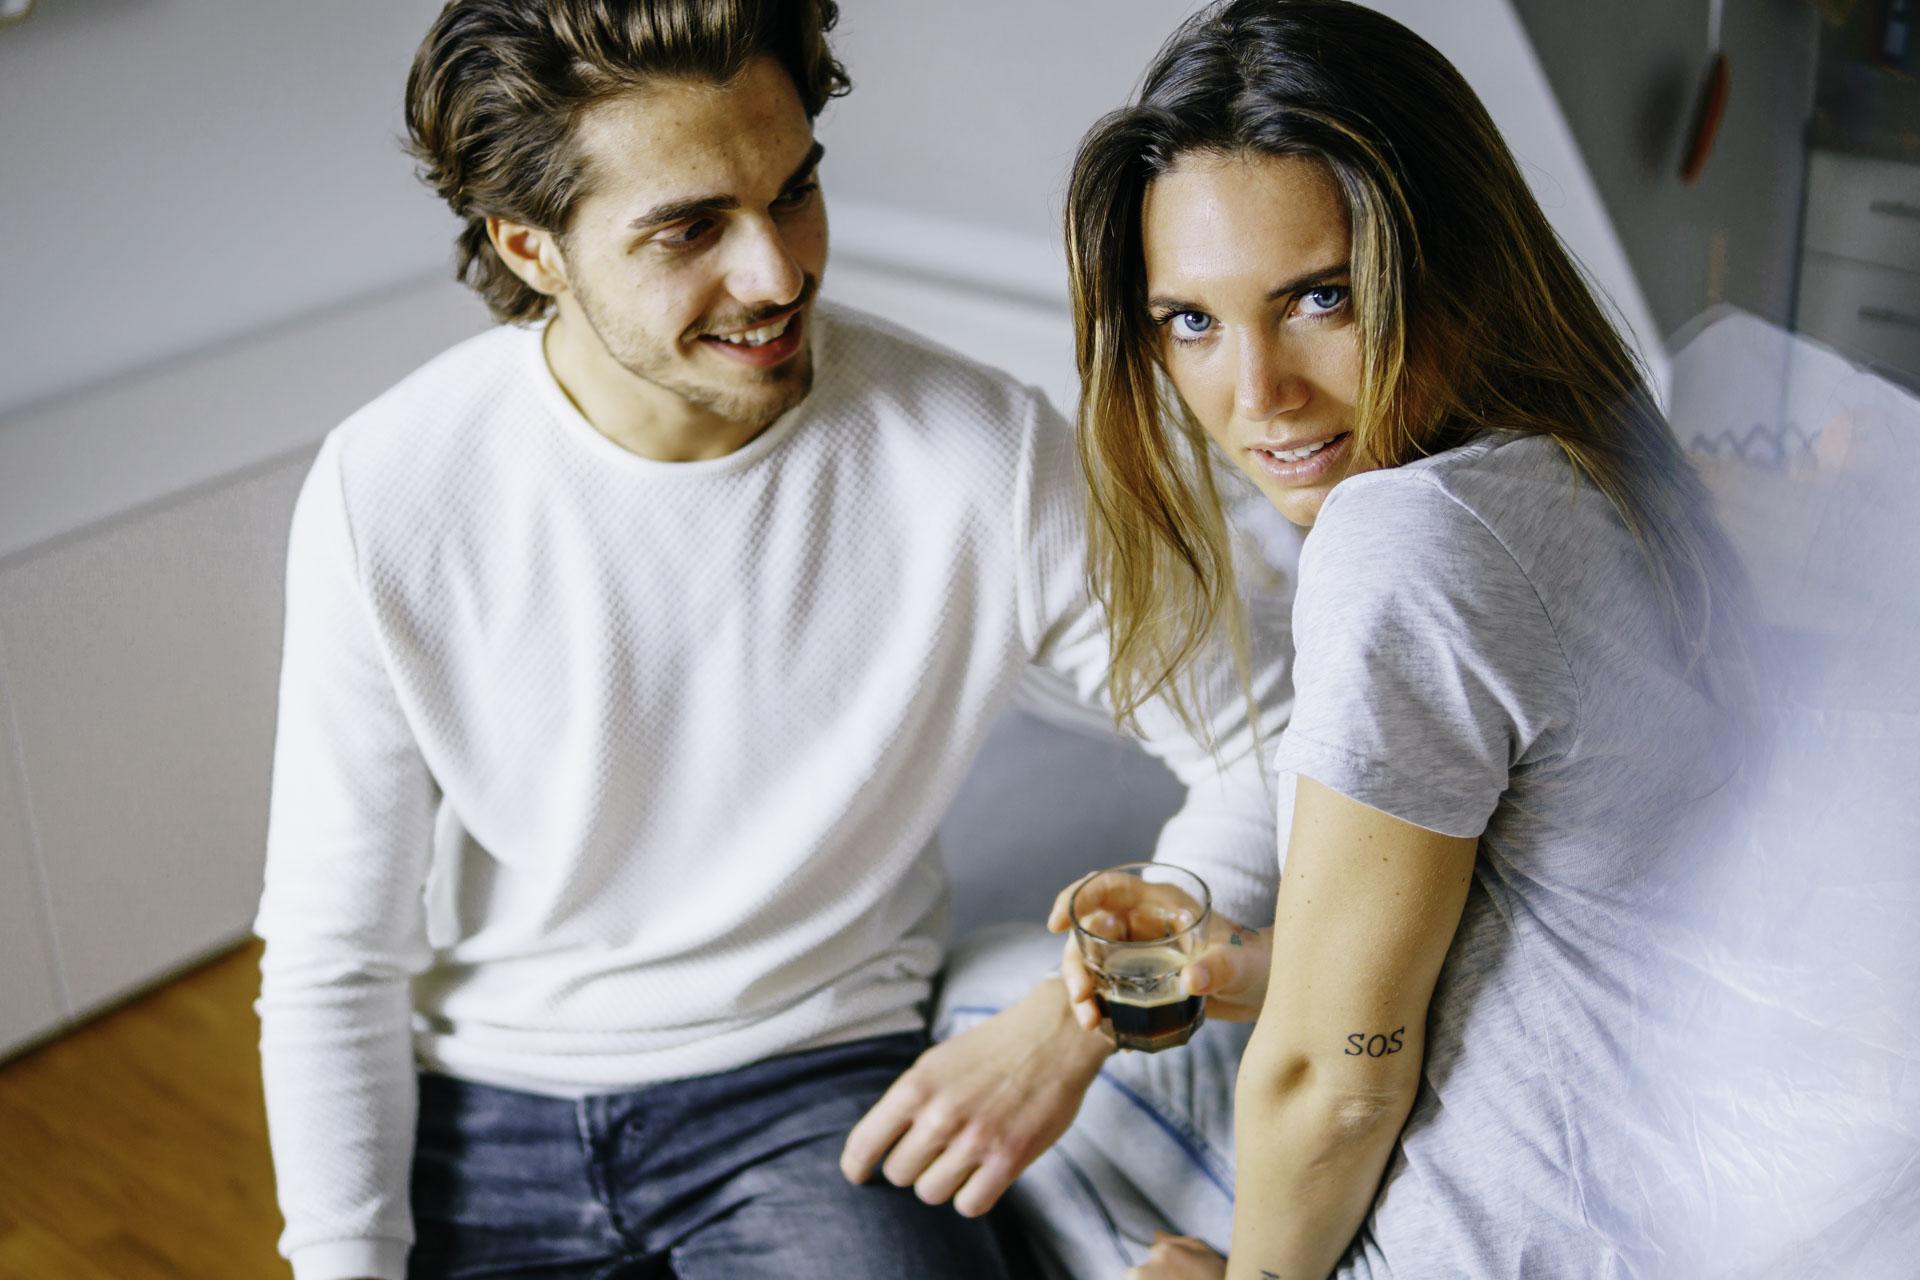 Couple Shots mit einem jungen Paar am Küchentisch mit intensivem Blick und Kaffee